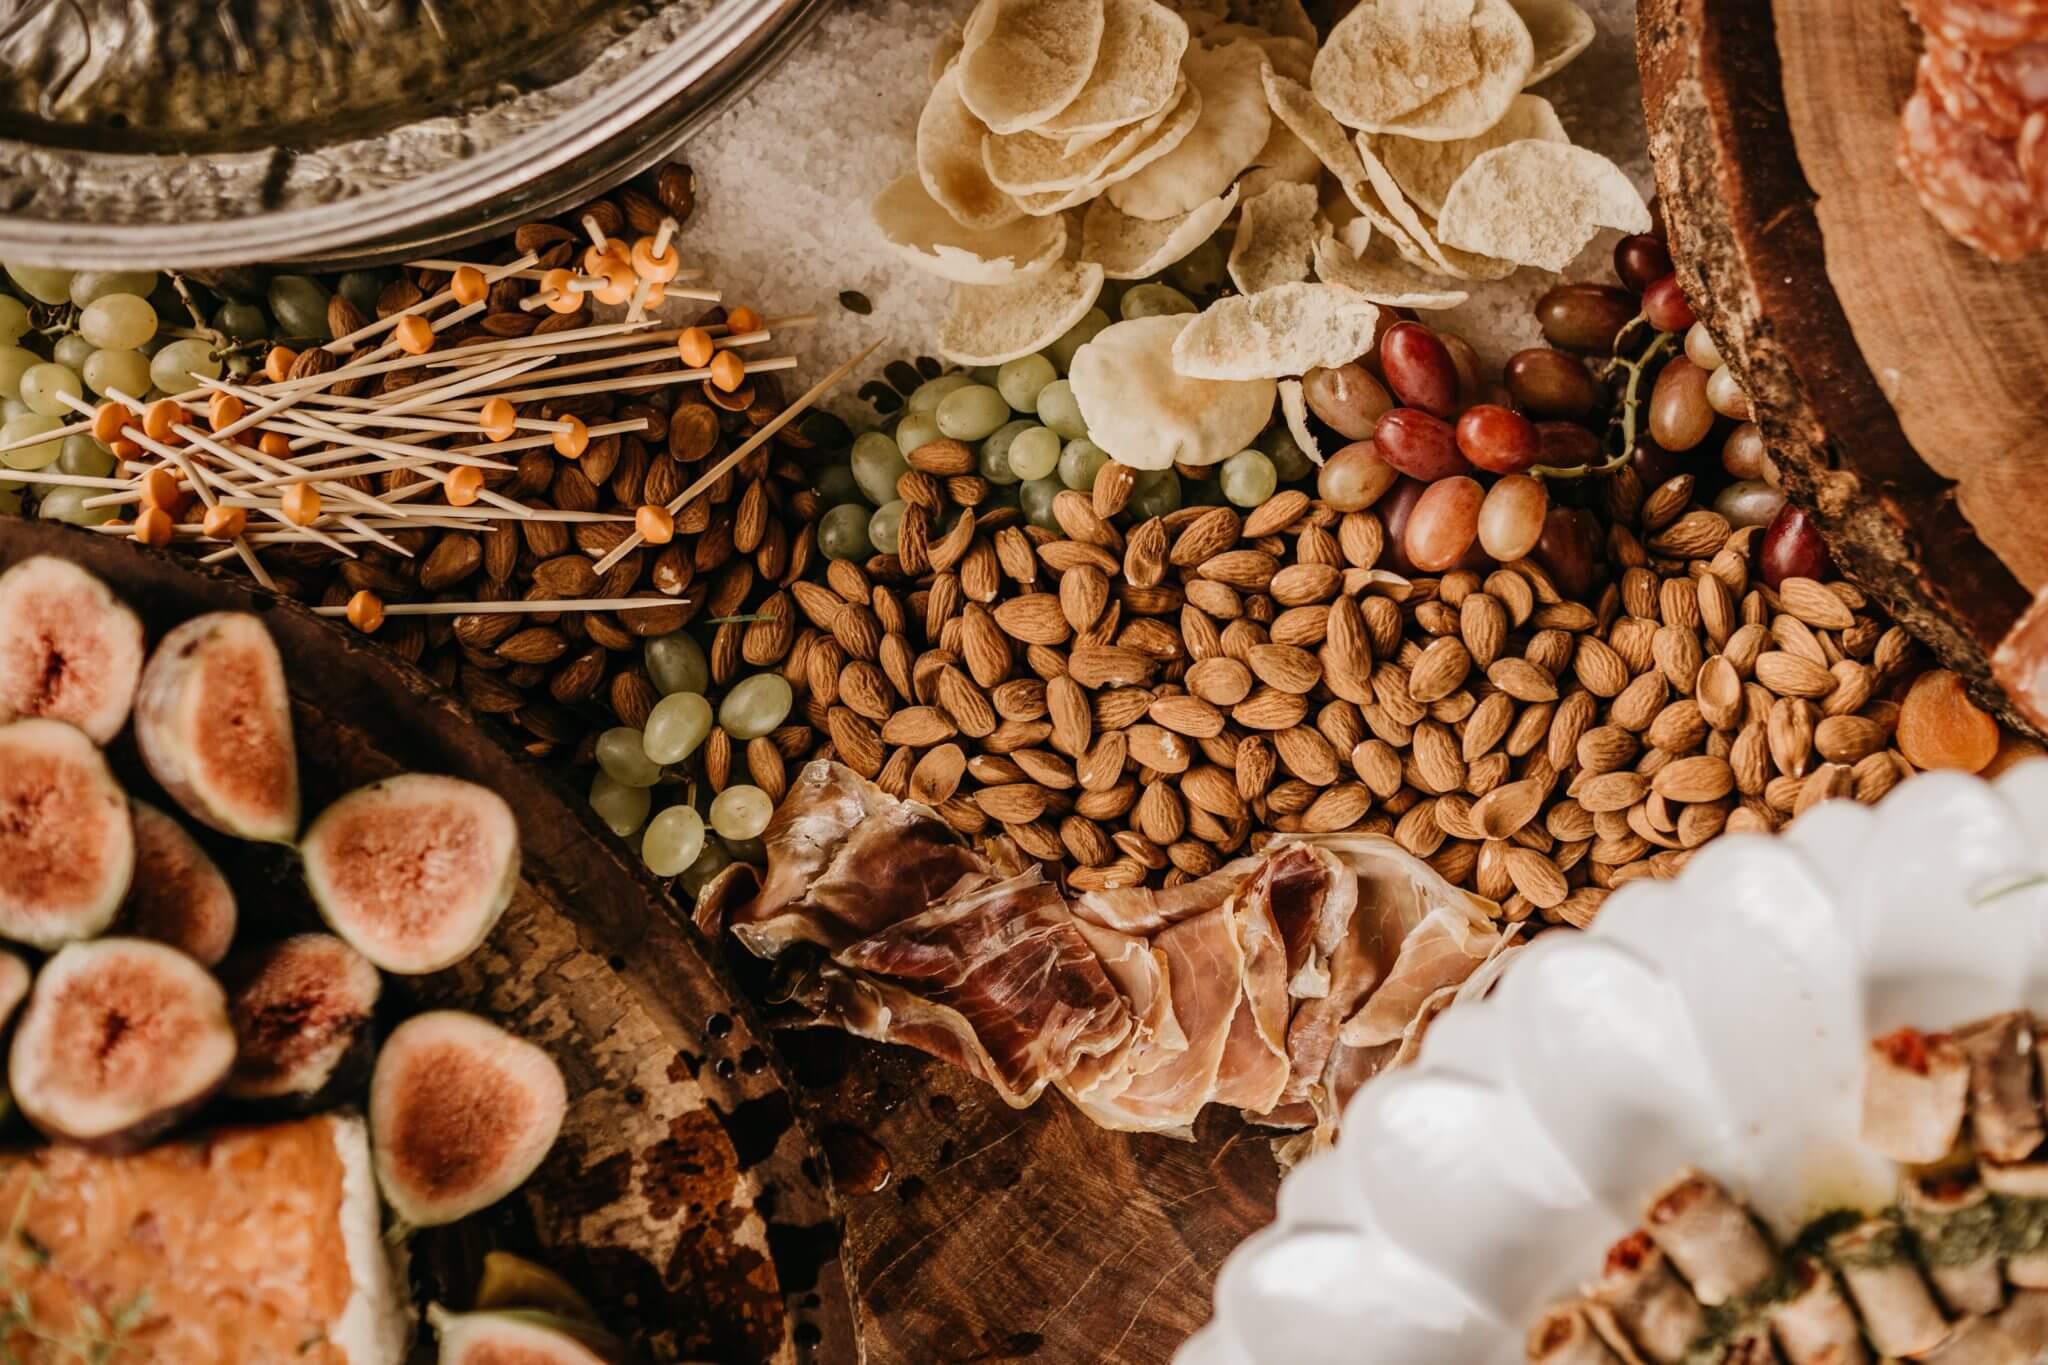 Otoño delicioso: estos son los productos de temporada que no pueden faltar en tu despensa